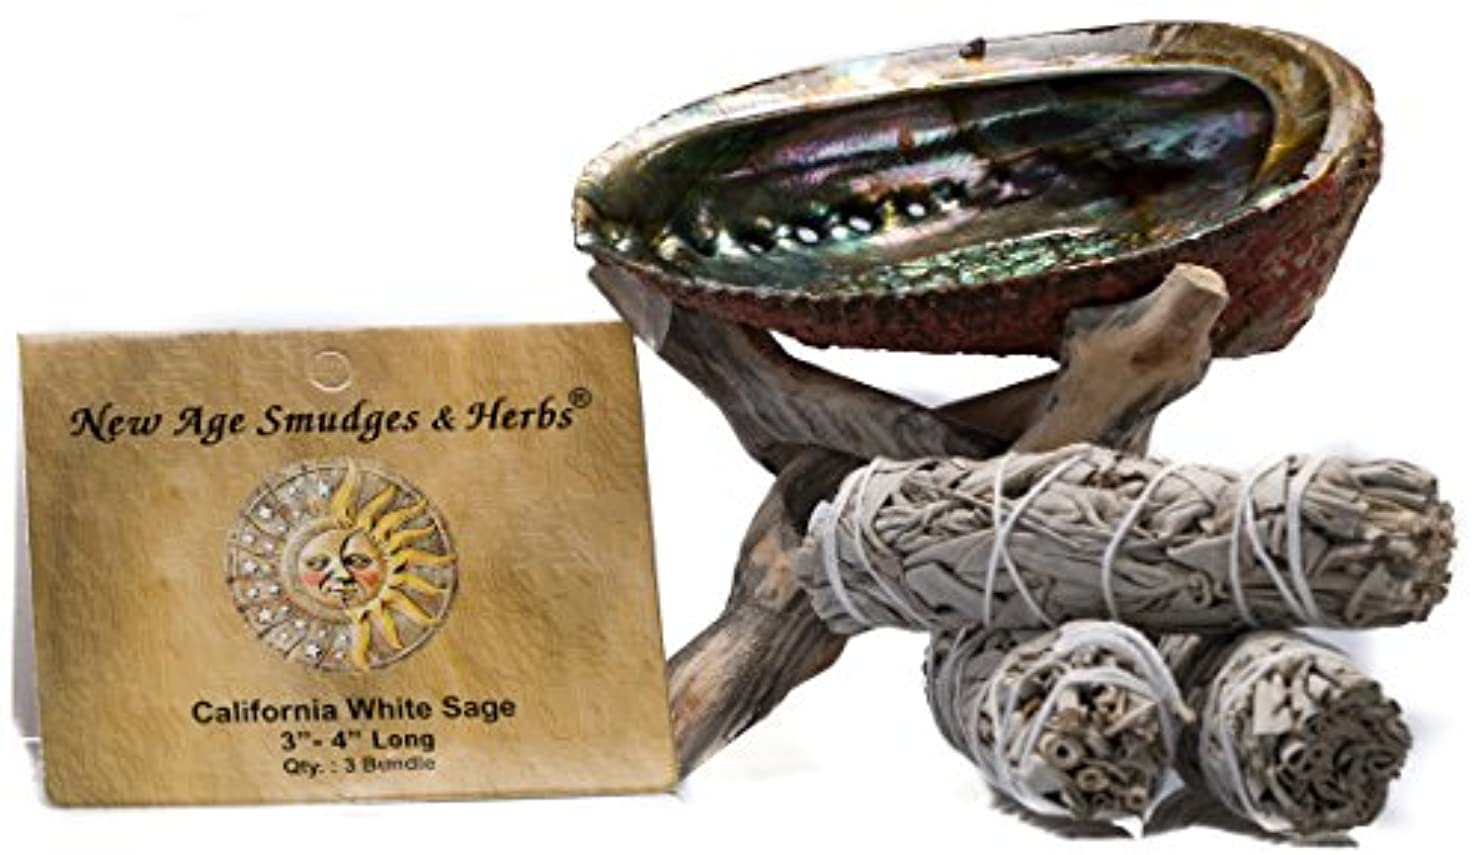 仕える嵐取り壊すスマッジングキット - カリフォルニアホワイトセージ スマッジワンド 3本 (サルビア?アピアナ) 美しい自然の5インチ - 6インチ アバロンシェル 天然木製コブラ三脚スタンド付き - セージスティックの長さは4インチ